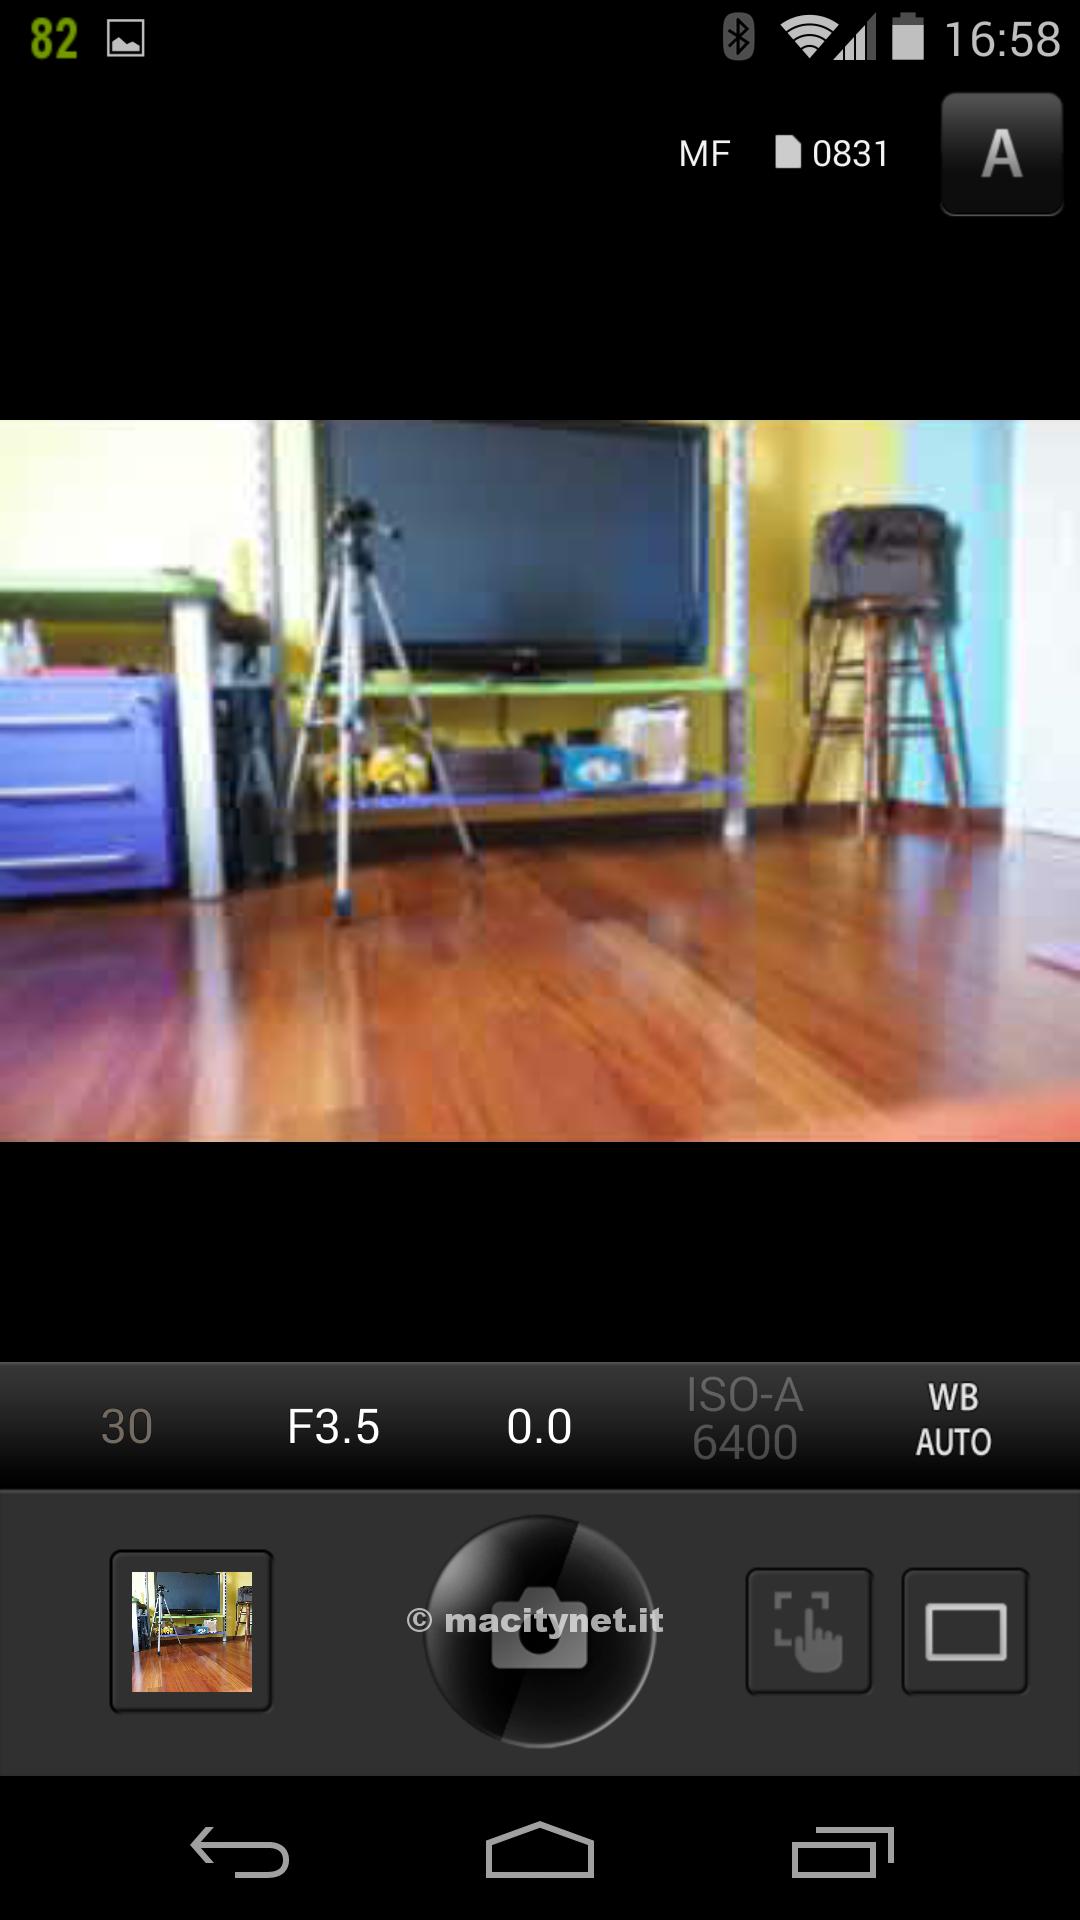 La schermata di scatto remoto